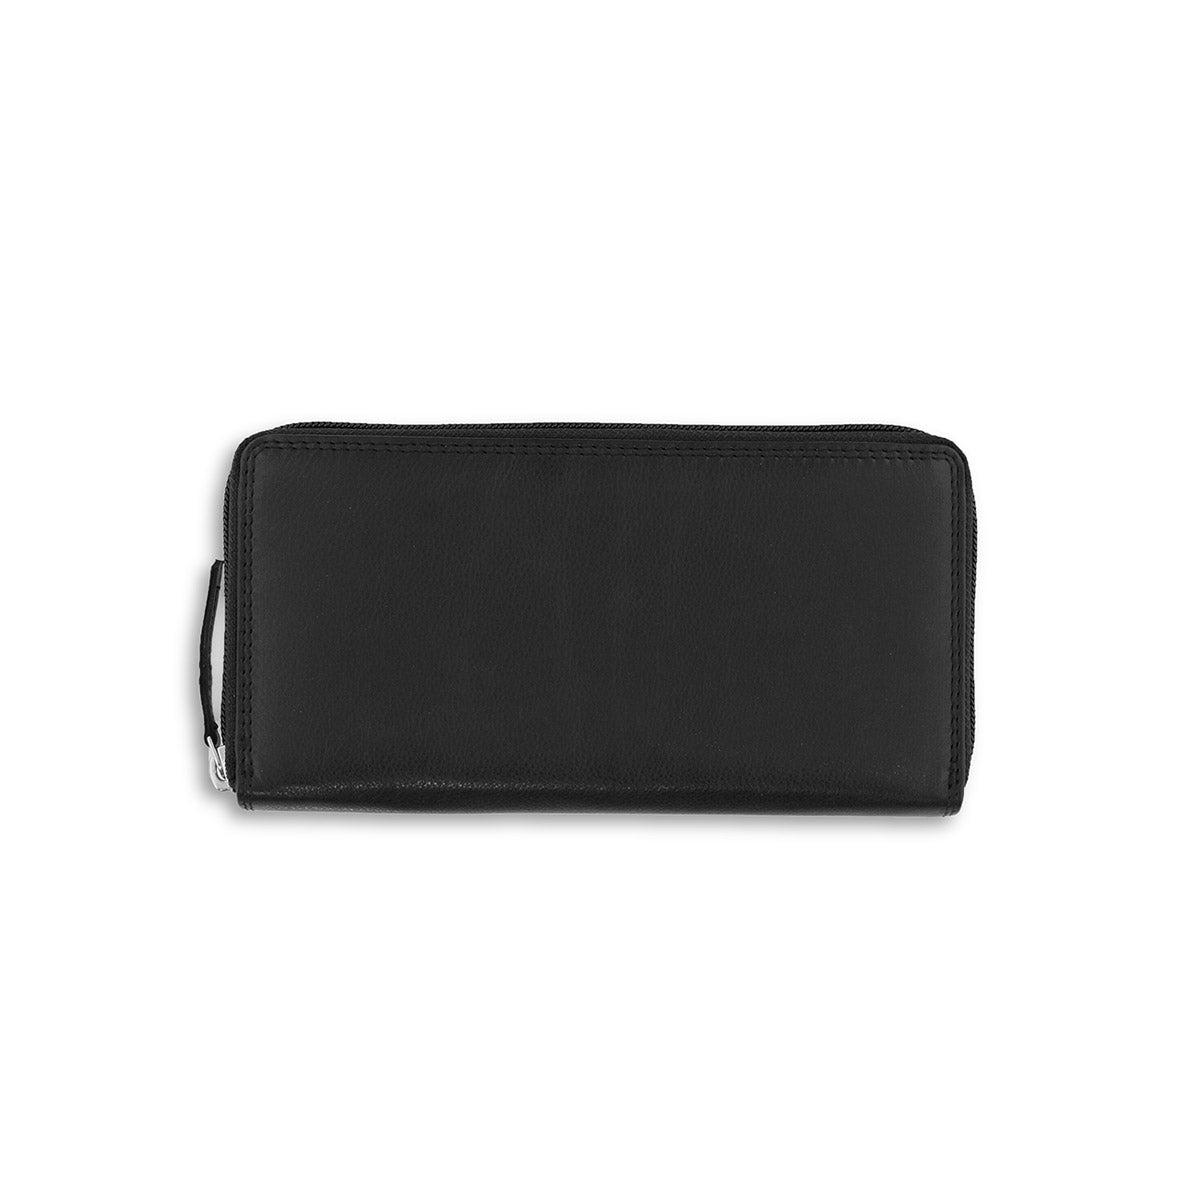 Women's RFID black zip around wallet